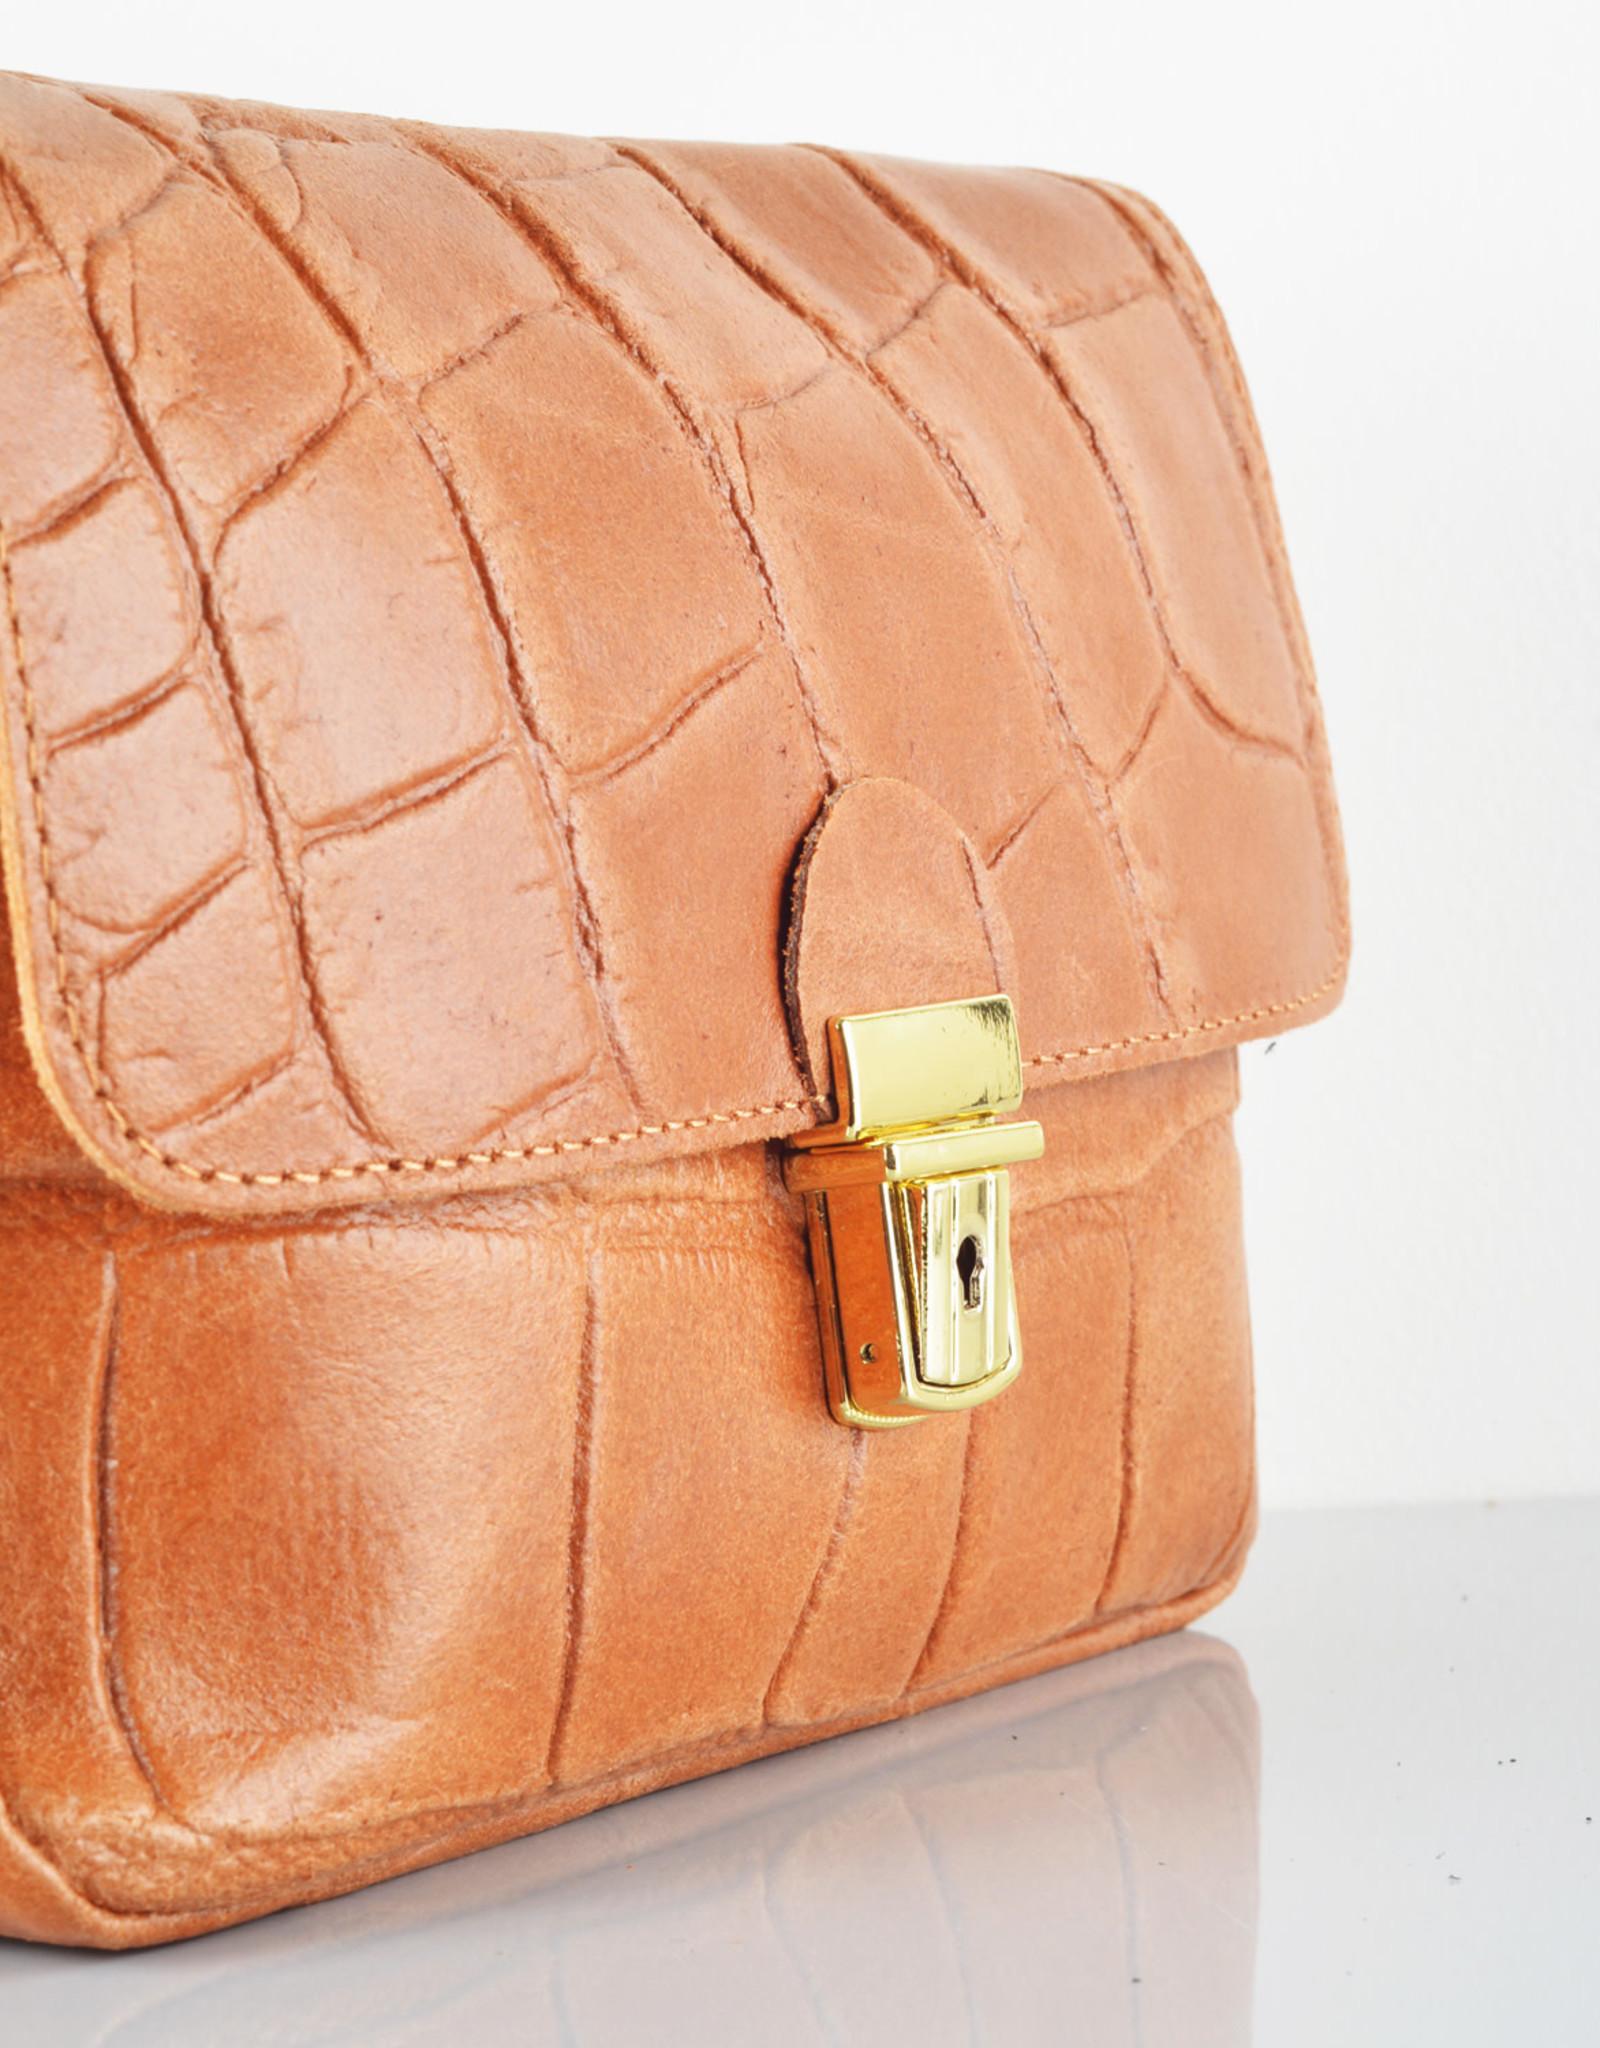 Croco gold bag camel